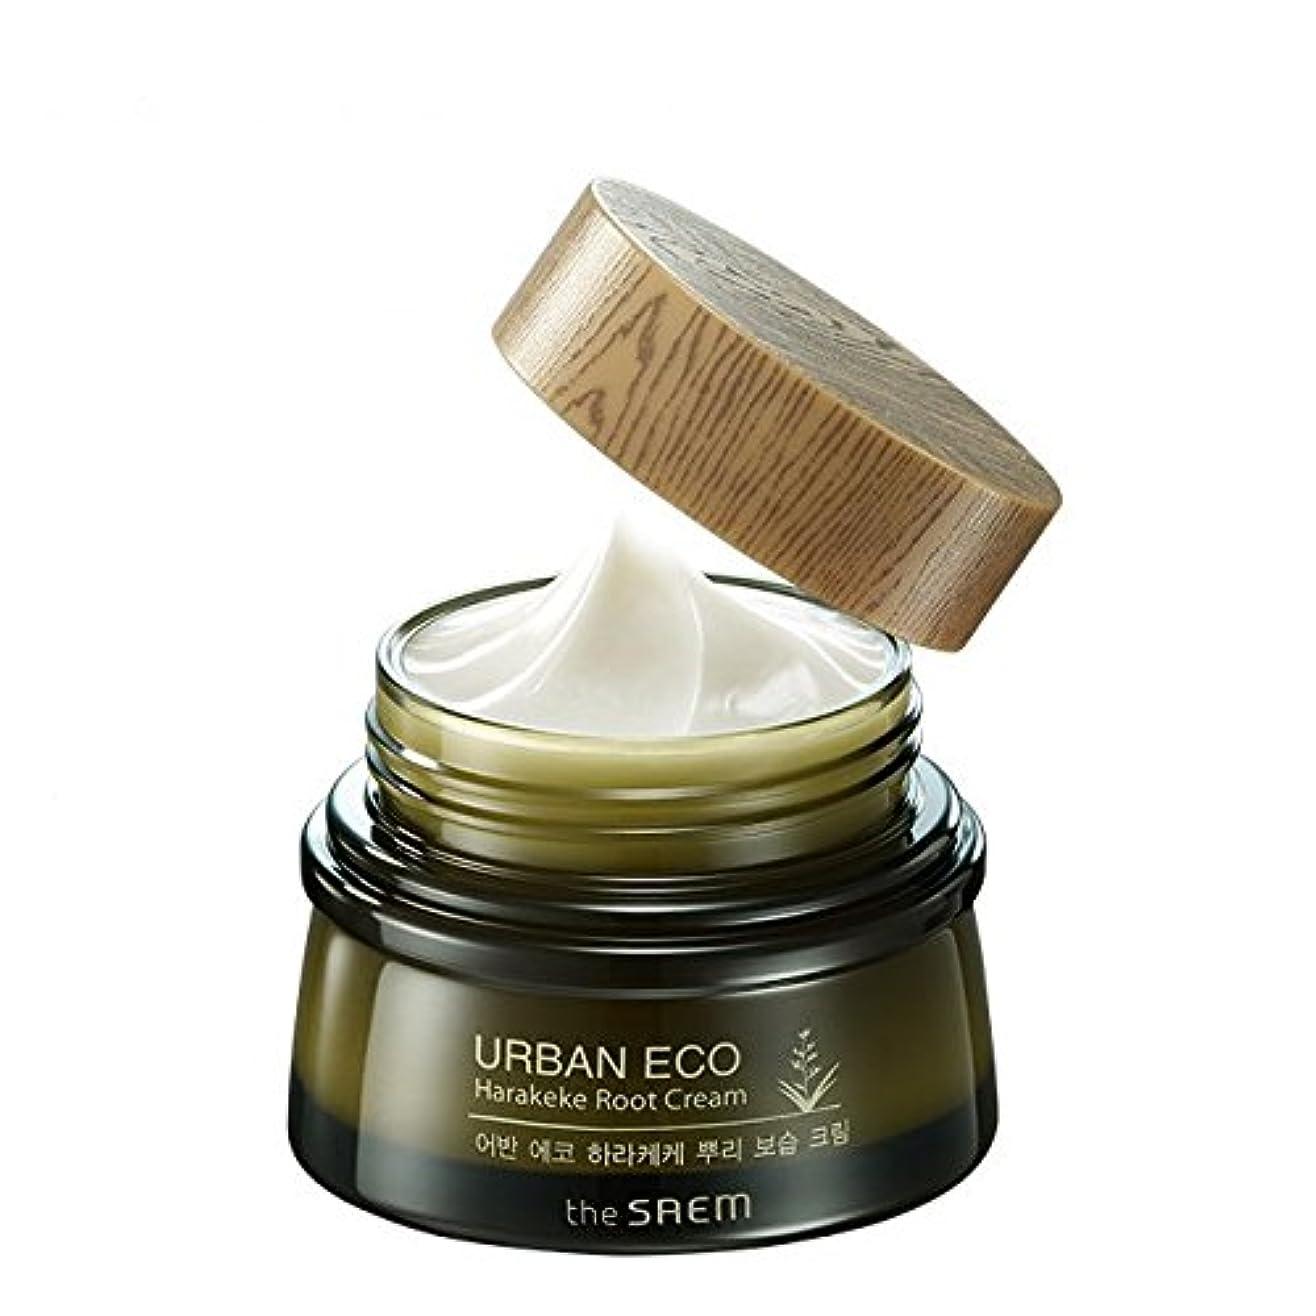 減らす座標規定[ザセム] The Saem [アーバンエコ ハラケケ 根保湿クリーム60ml (The Saem Urban Eco Harakeke Root Cream60ml)